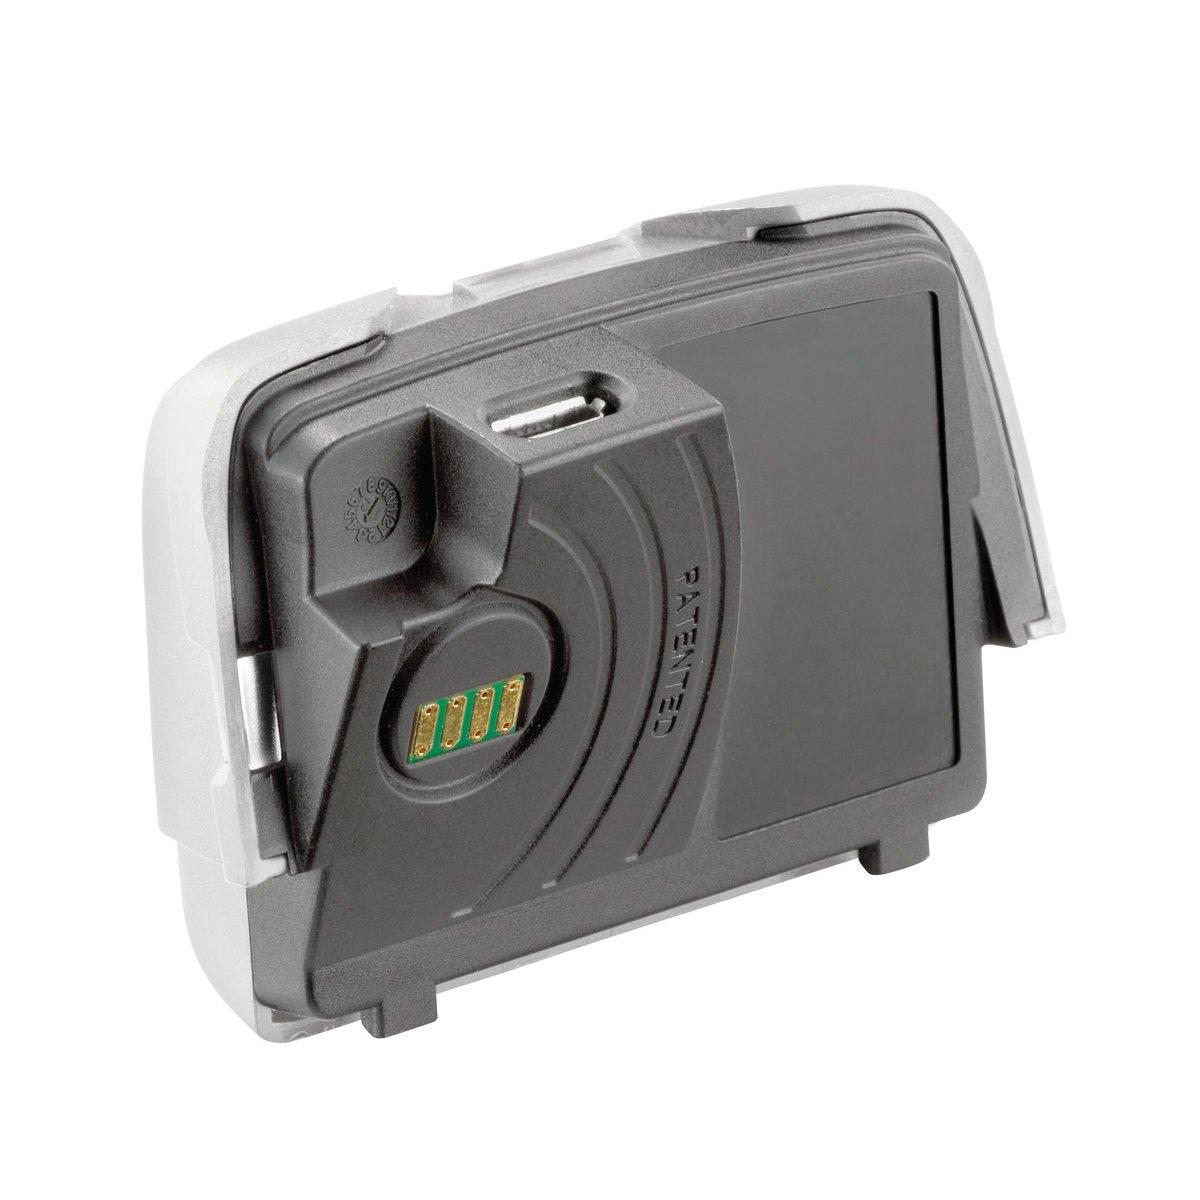 Petzl Rechargeable Battery for Reactik Headlamp and Reactik Plus Headlamp